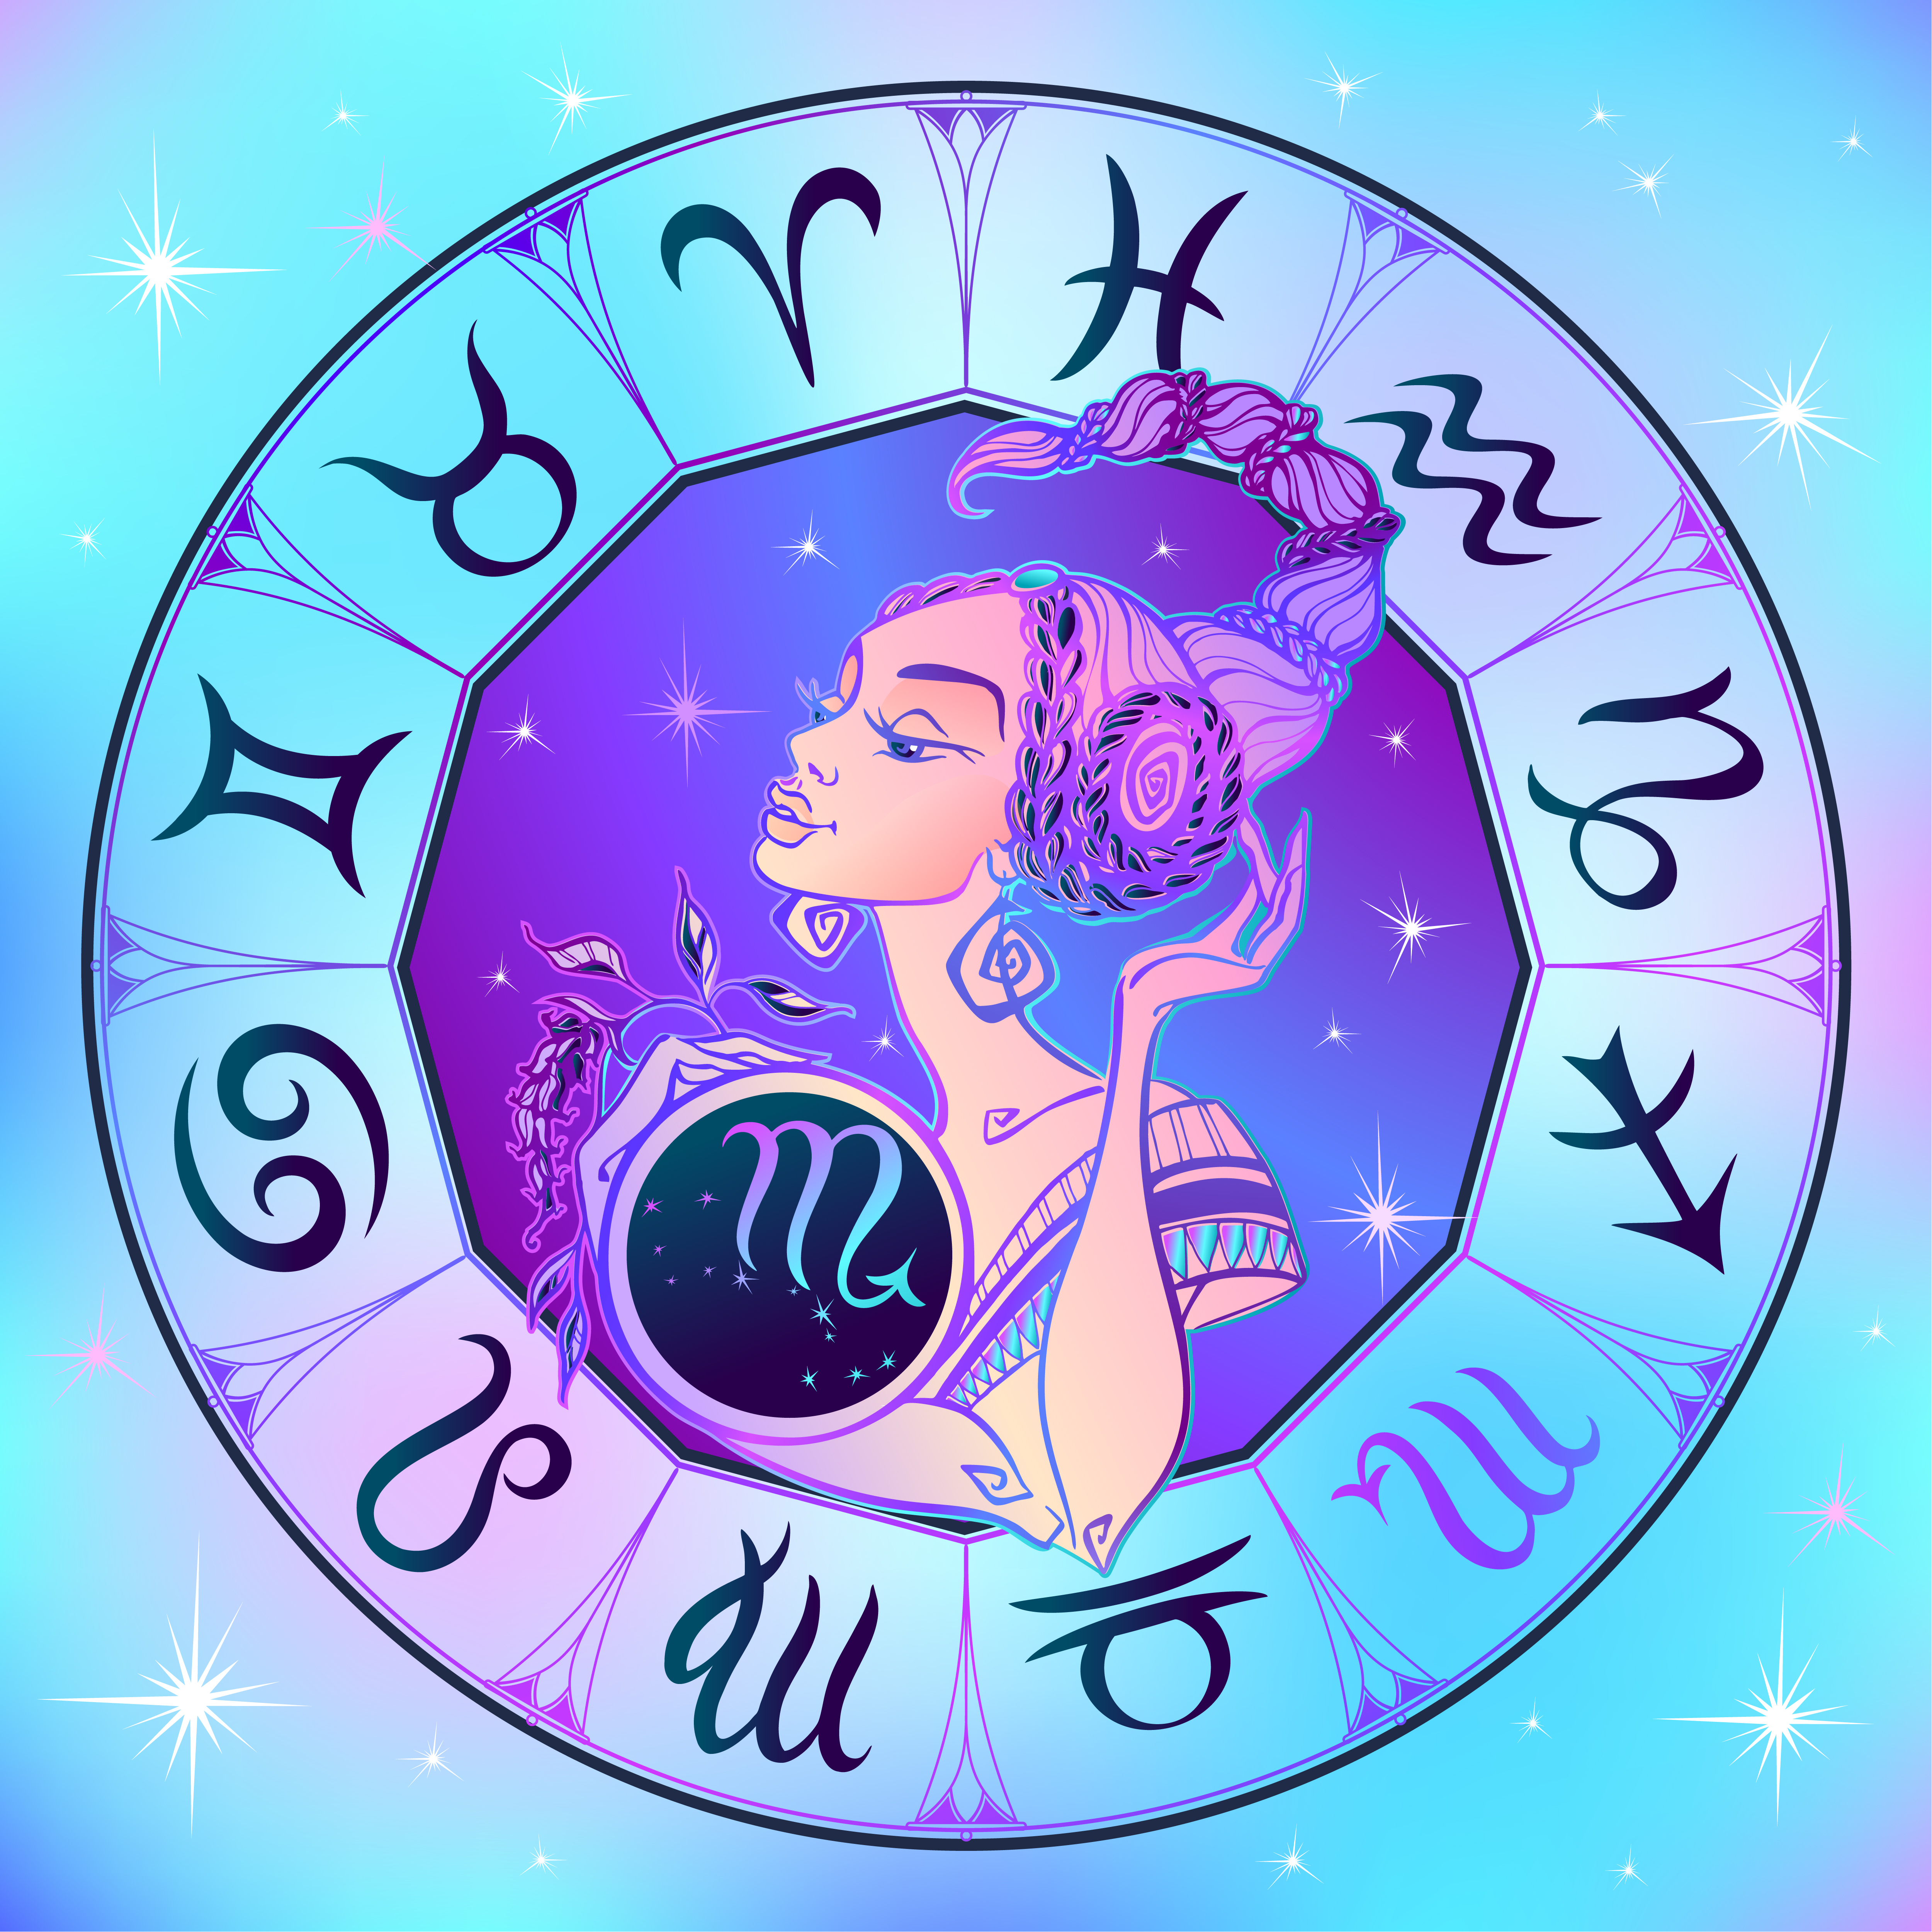 отличная картинки с гороскопам для личного дневника нём